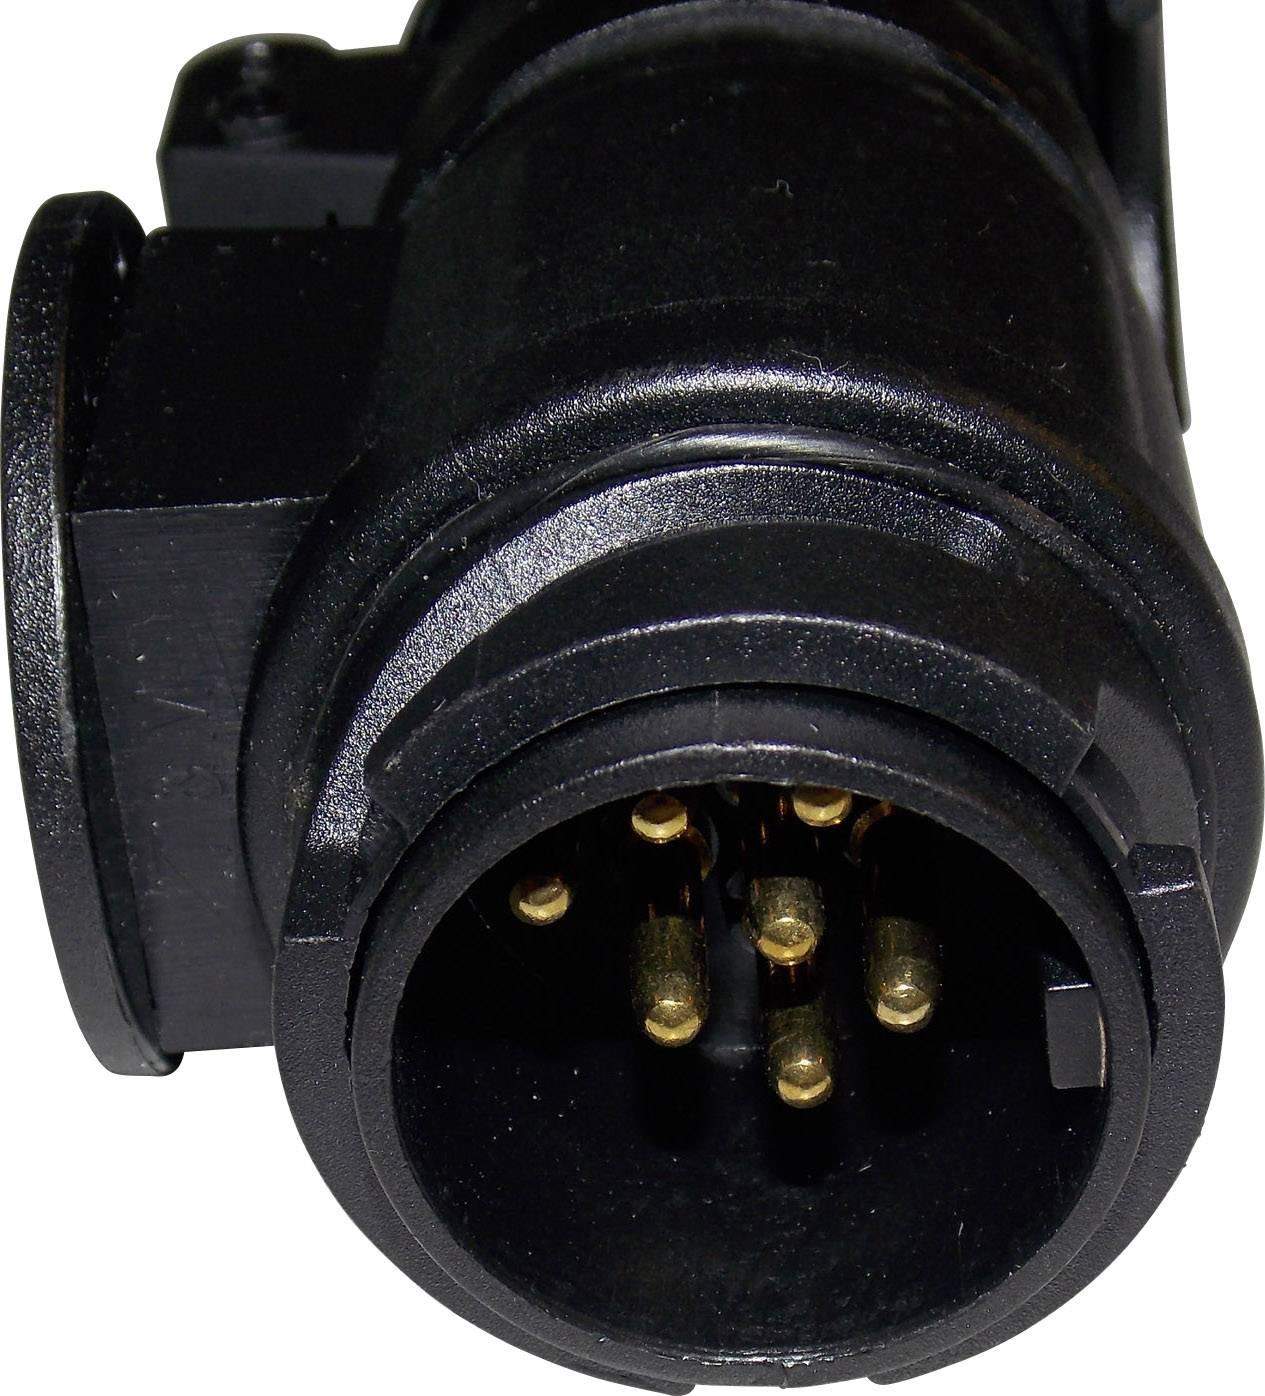 Adaptér na zapojenie prívesu SecoRüt 50110, [13 pólová zásuvka - 7 pólová zástrčka], 12 V